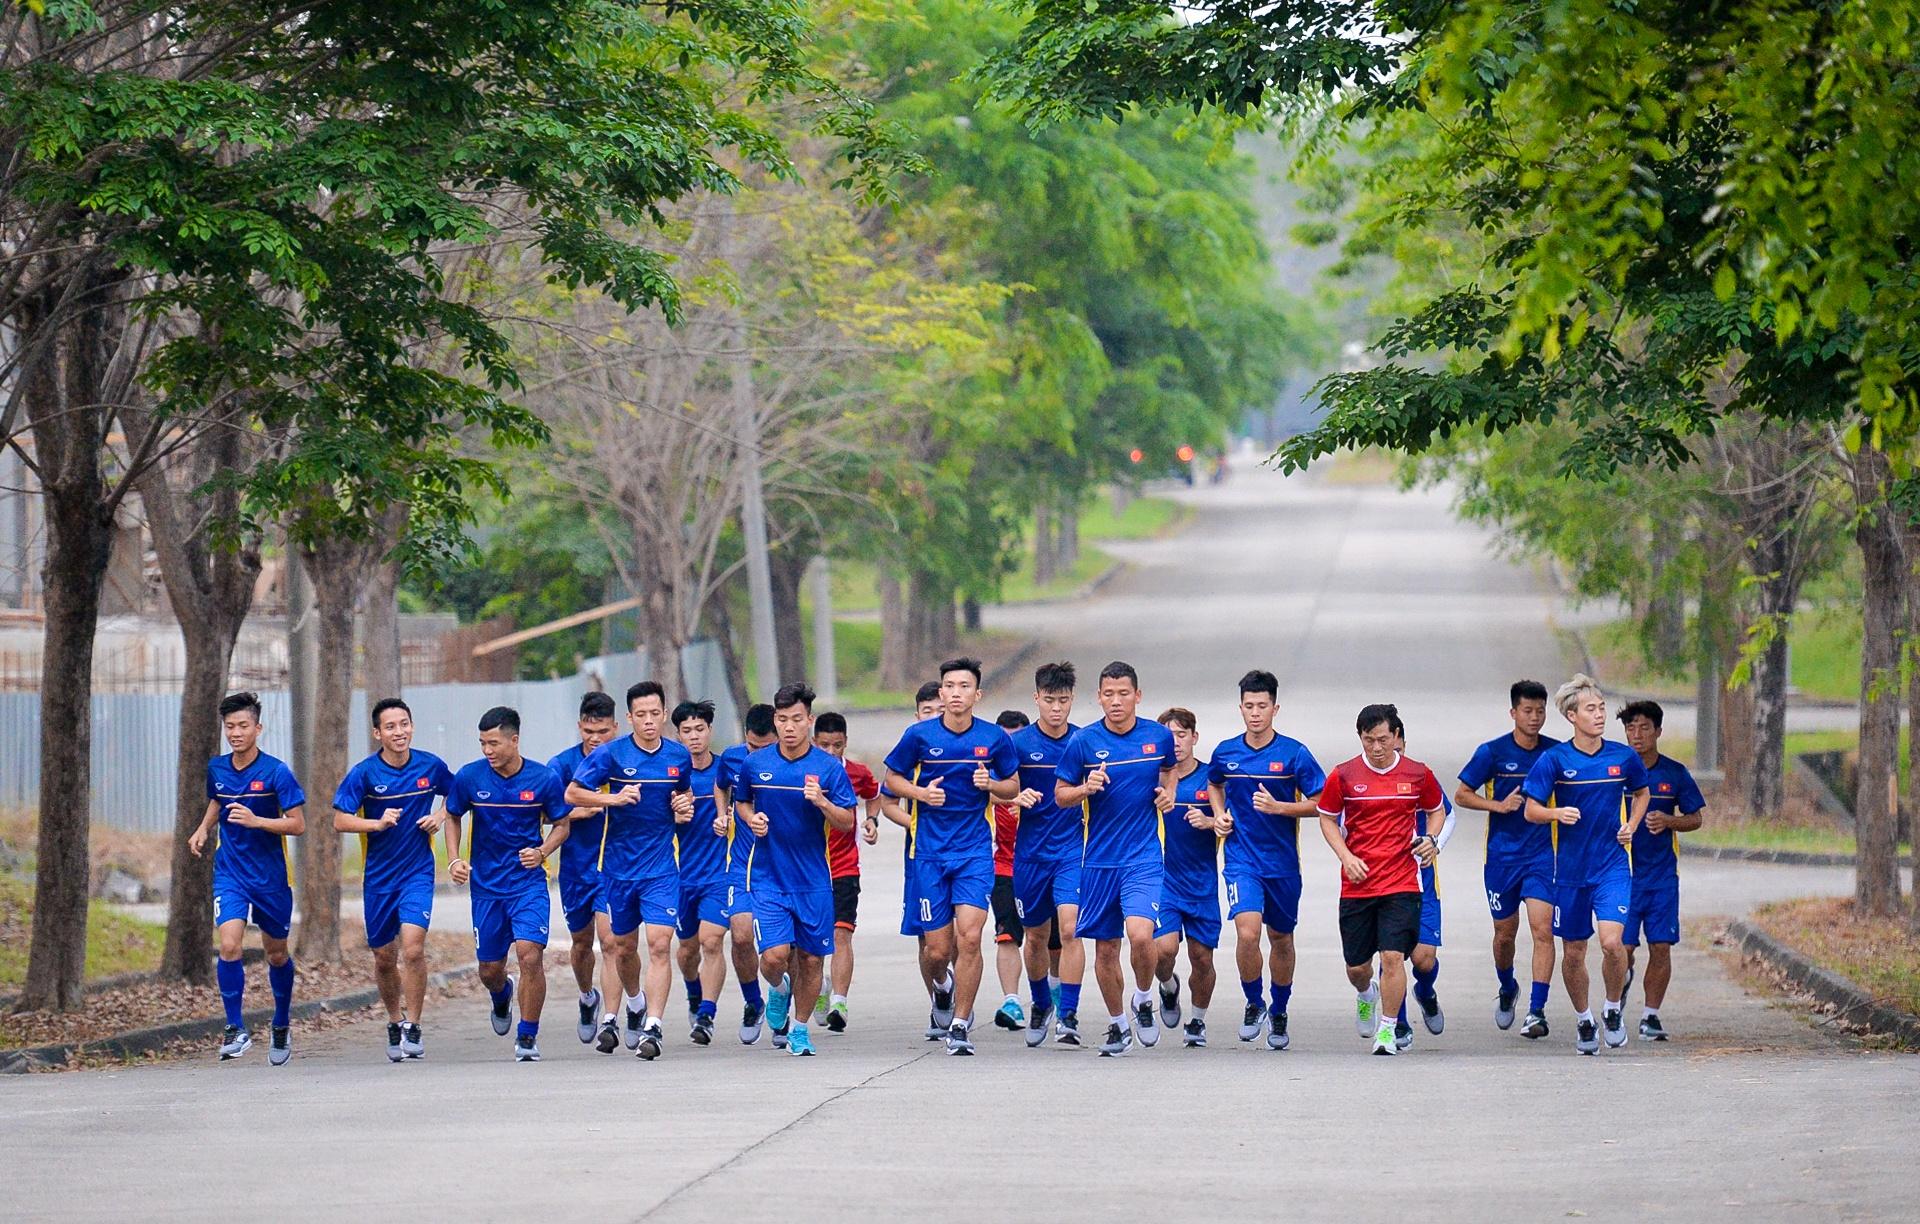 Hanh trinh cua Olympic Viet Nam tai ASIAD anh 2